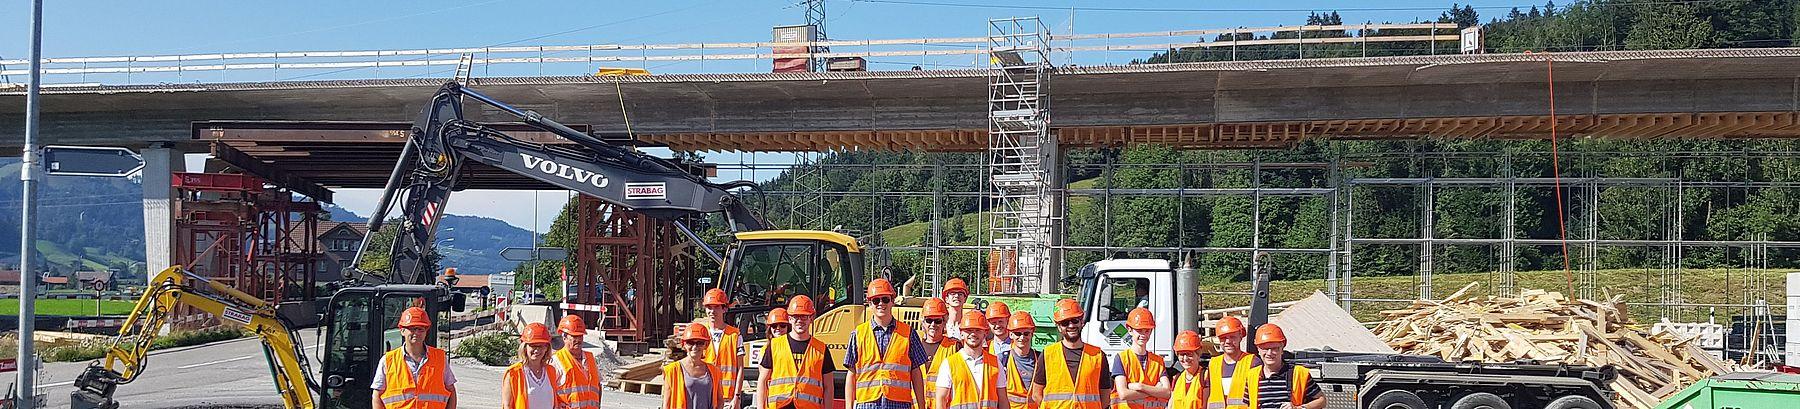 Wattwil: Brücke Thur